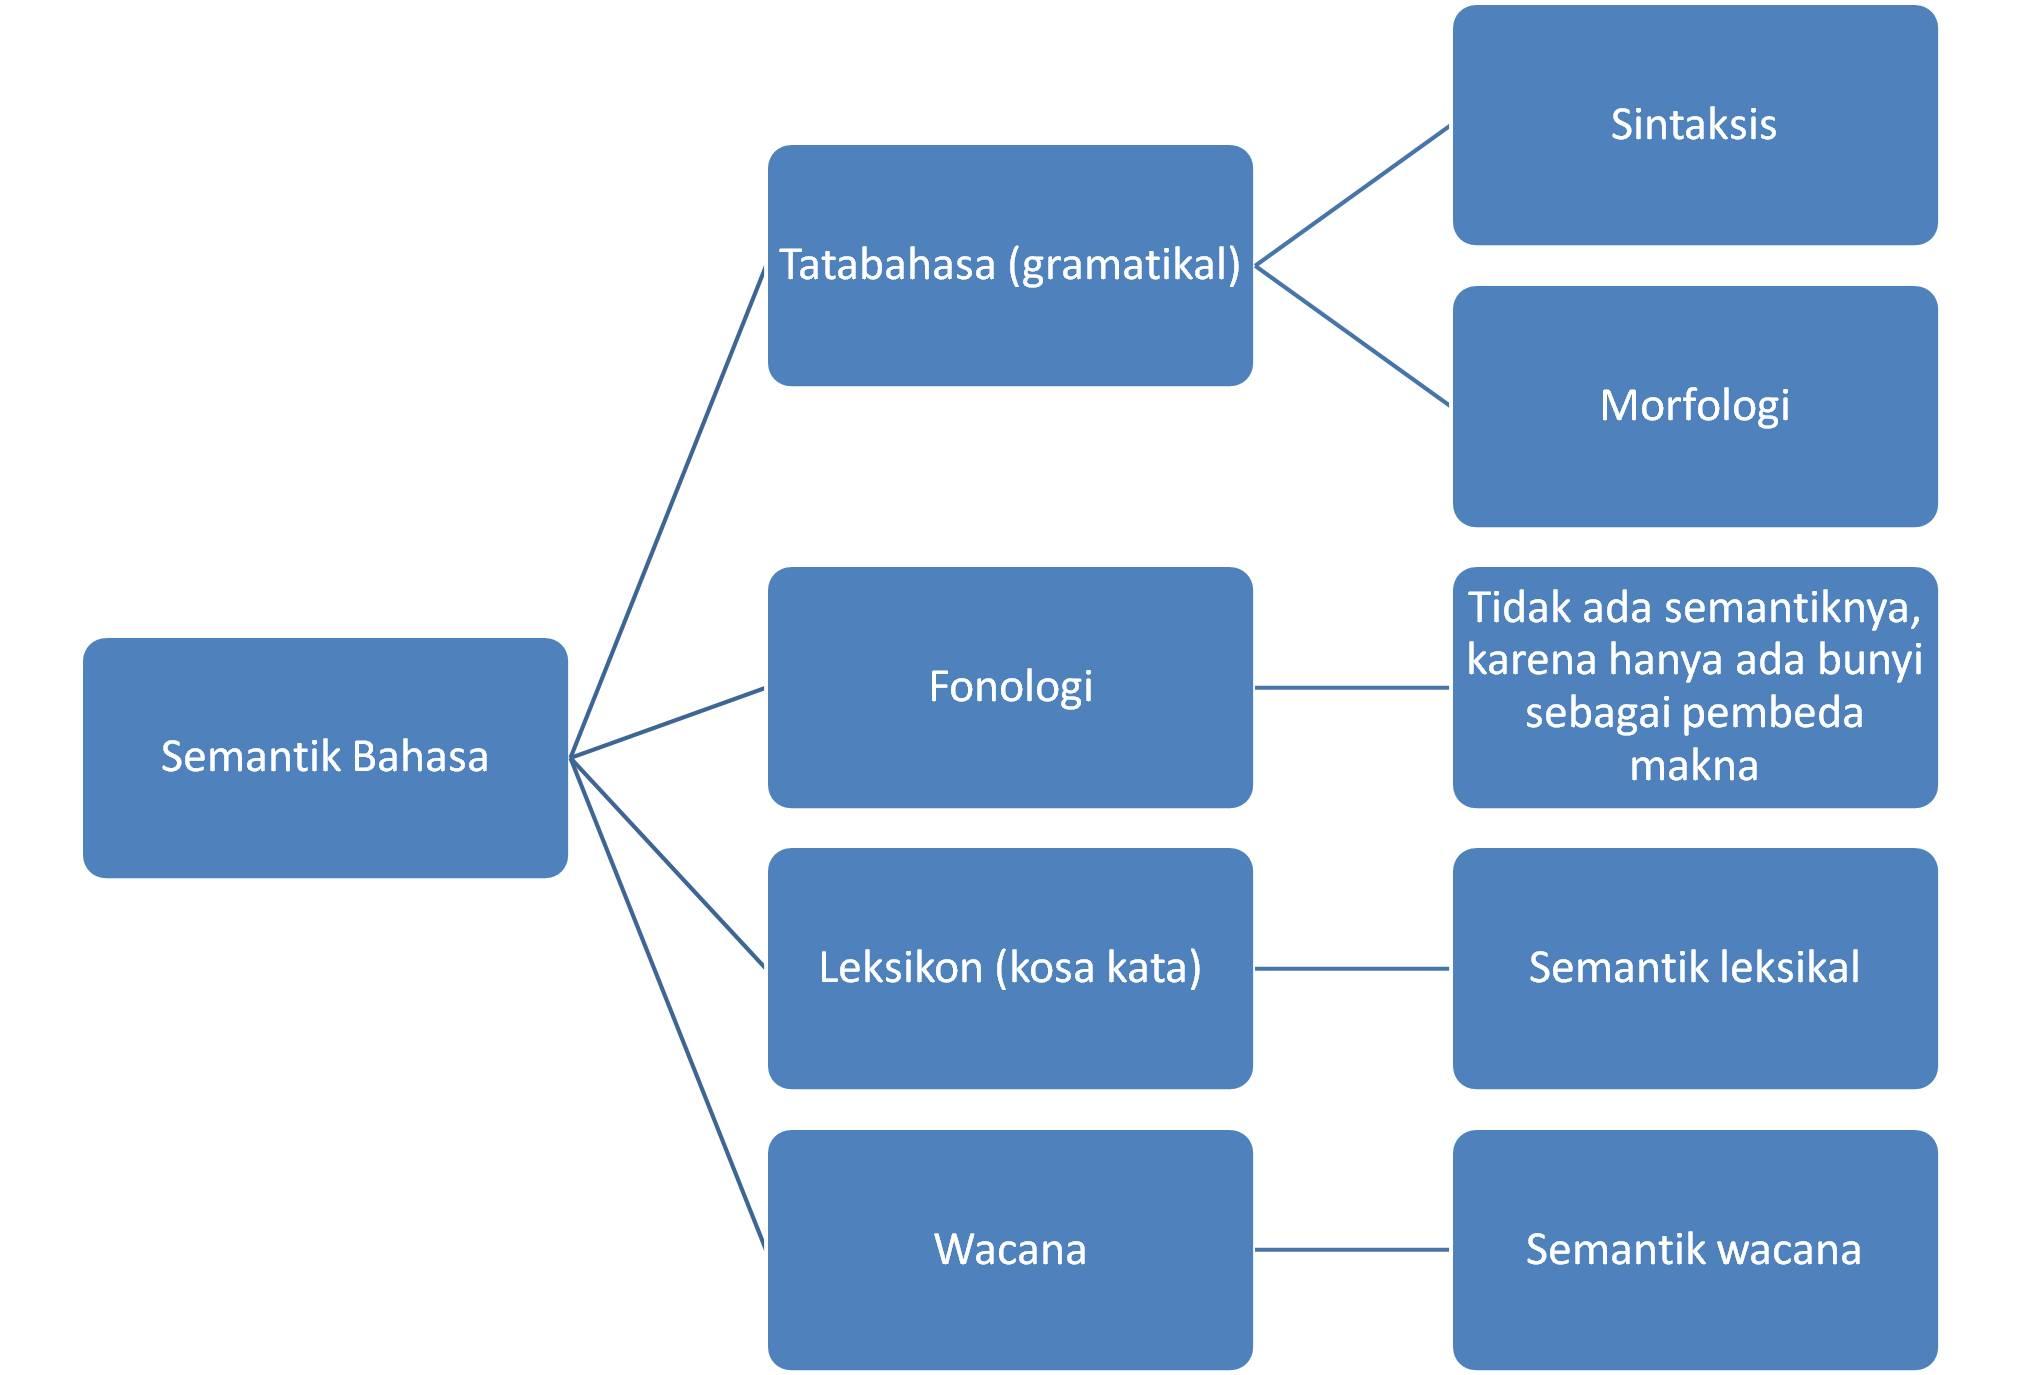 makna makna gramatikal maka jenis semantik ini disebut semantik